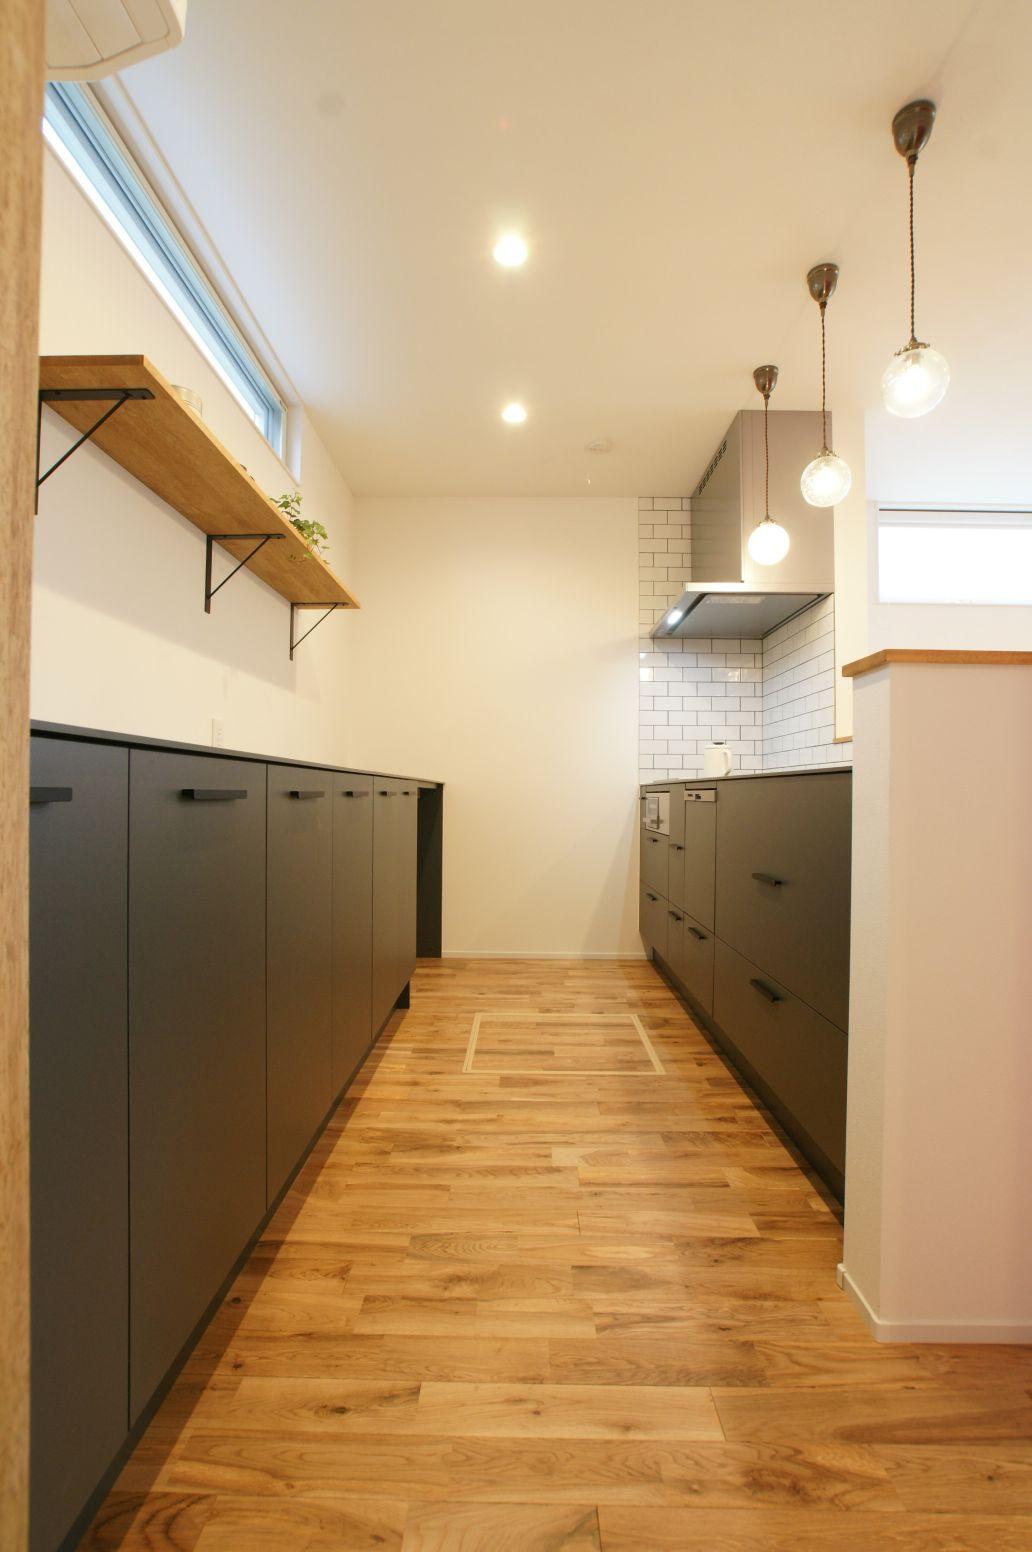 RIKYU (リキュー)【間取り、ペット、建築家】『R+house』オリジナルのMonoキッチン。洗練されたデザインと使い勝手を両立し、水や熱、キズに強く、お手入れも楽々。作業スペースを広くとったことで、奥さまの気持ちに余裕が生まれた